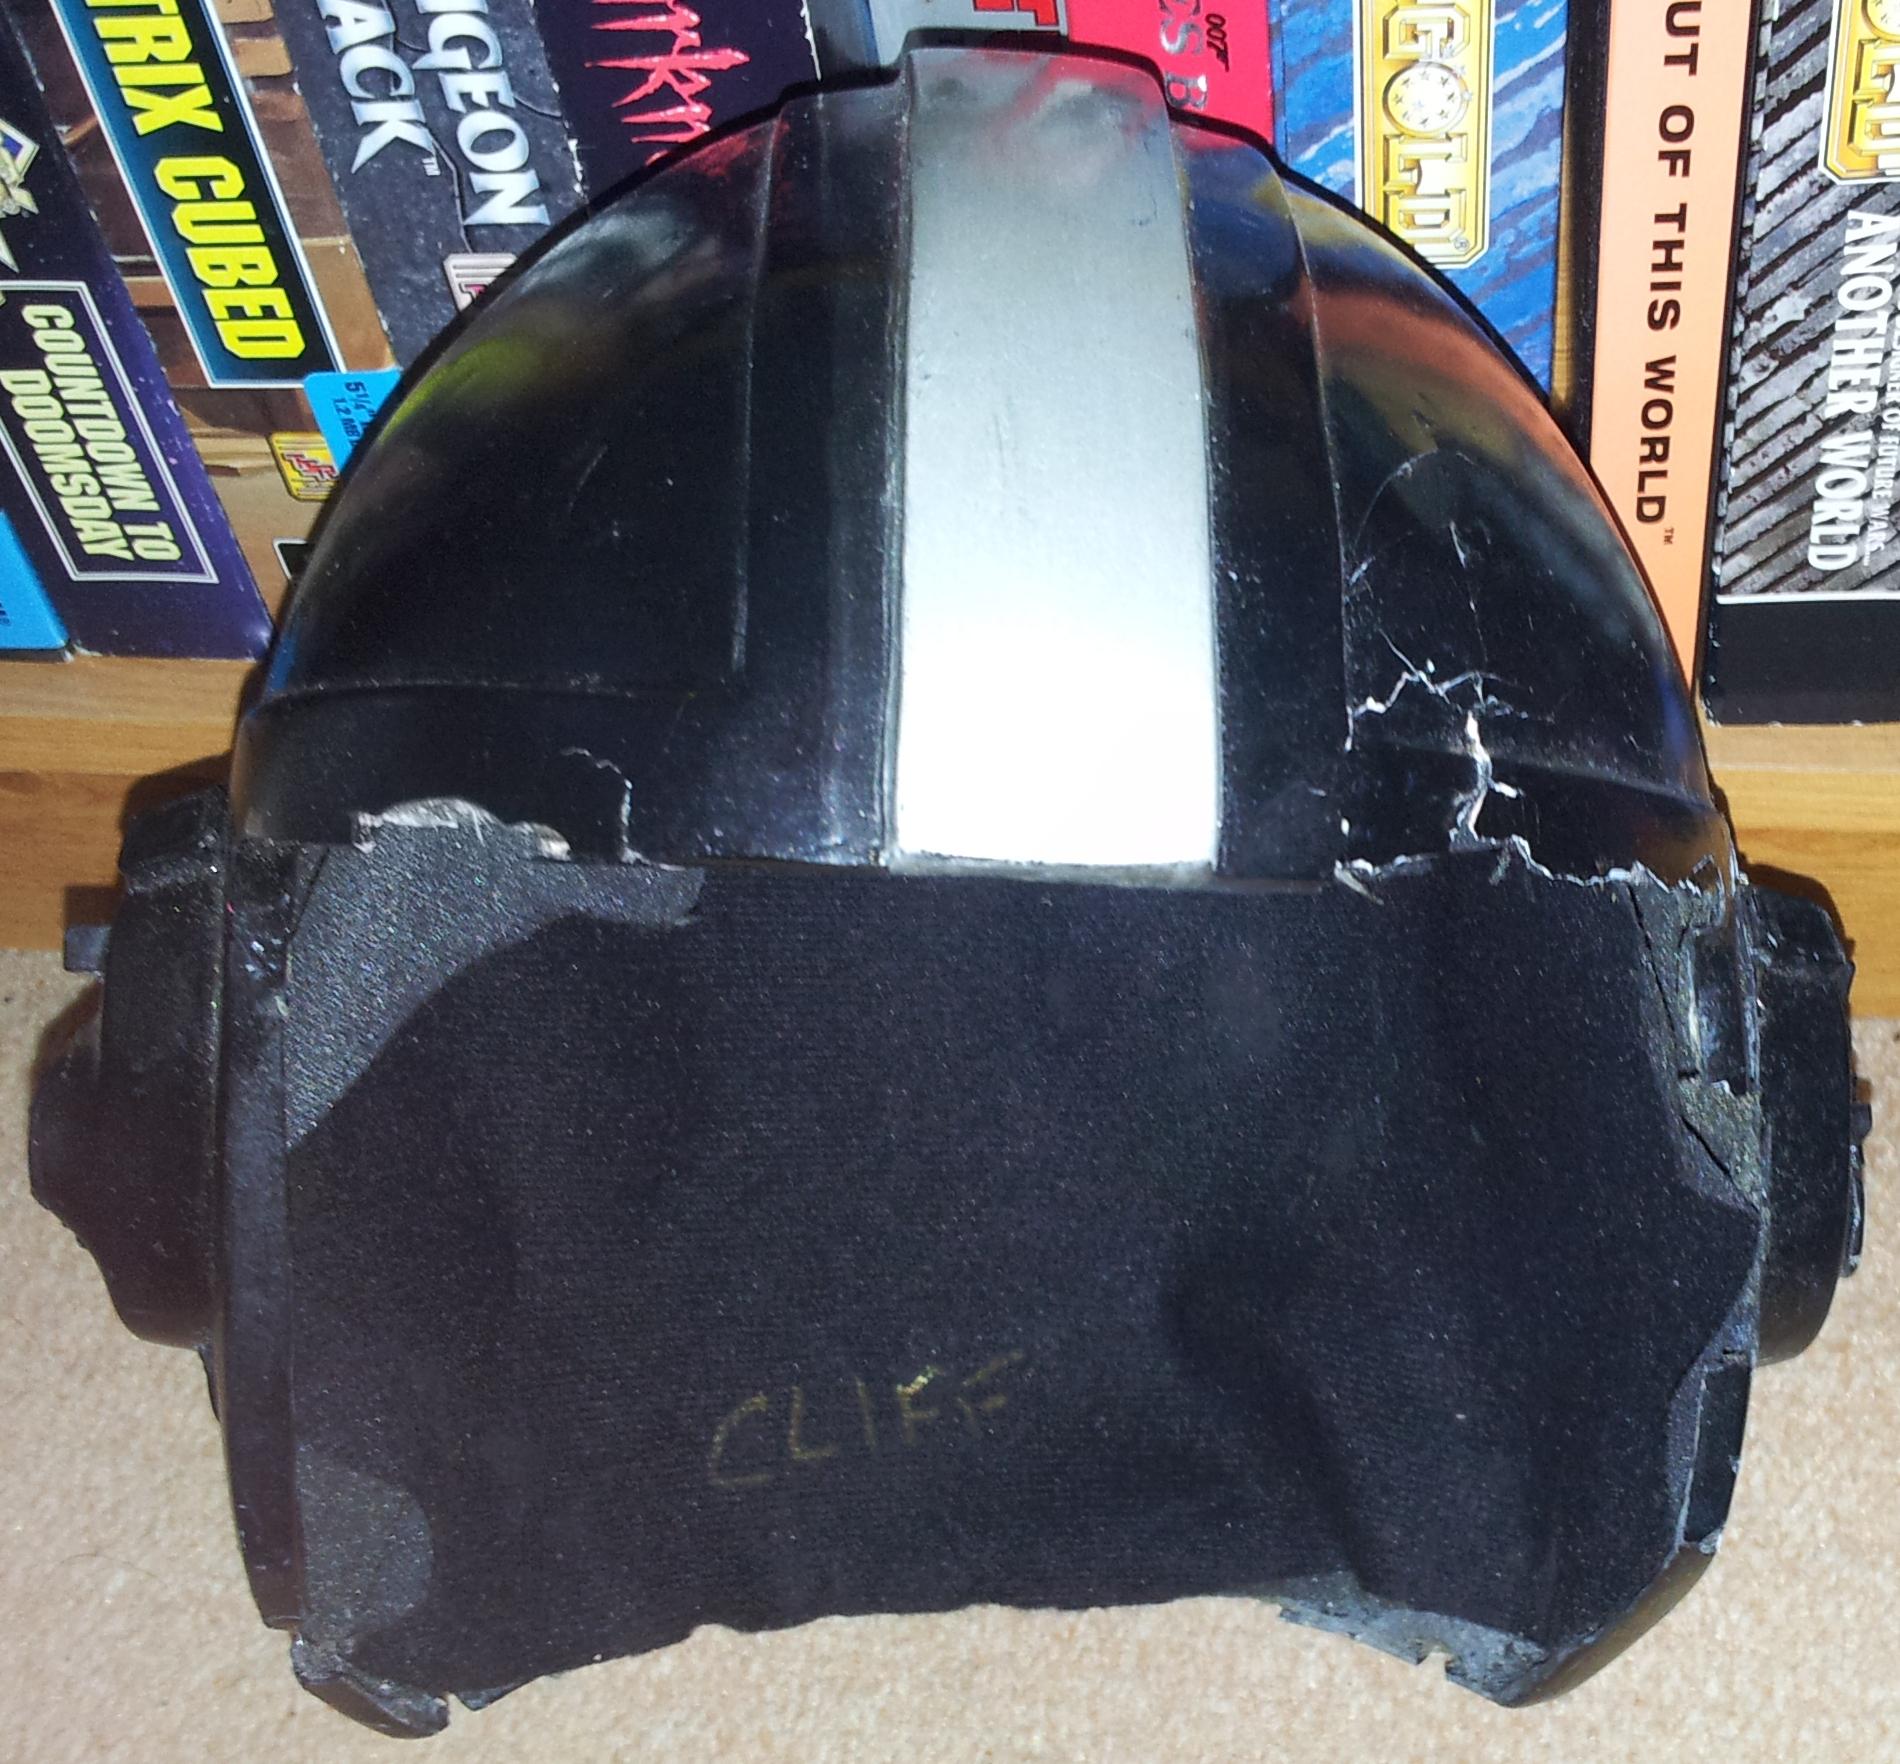 No Regret LMC Helmet